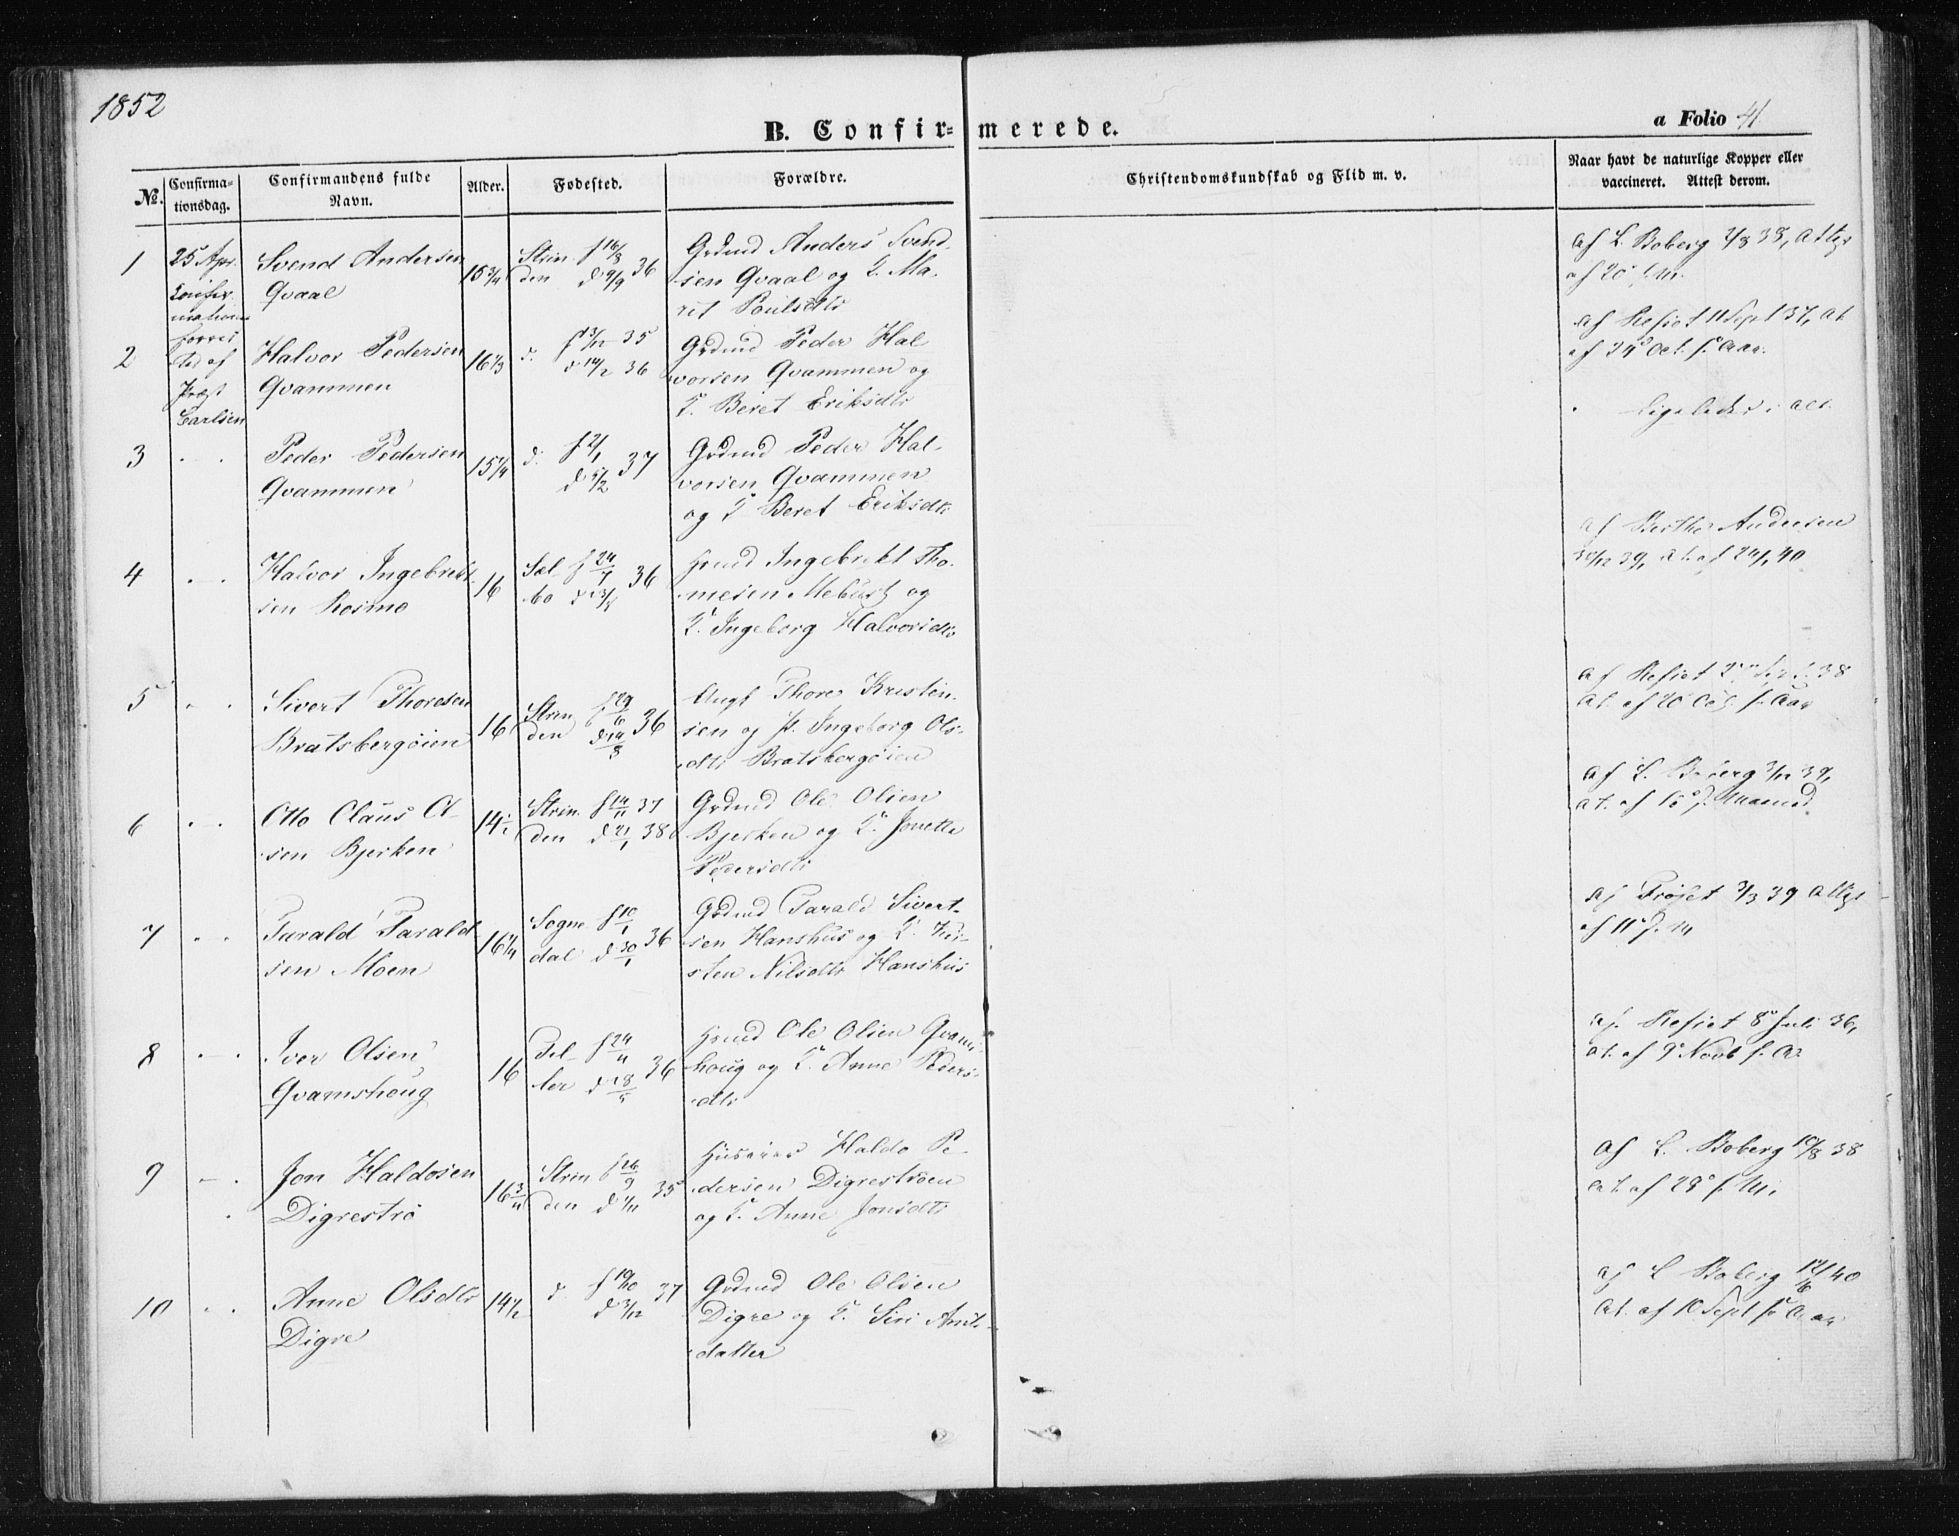 SAT, Ministerialprotokoller, klokkerbøker og fødselsregistre - Sør-Trøndelag, 608/L0332: Ministerialbok nr. 608A01, 1848-1861, s. 41